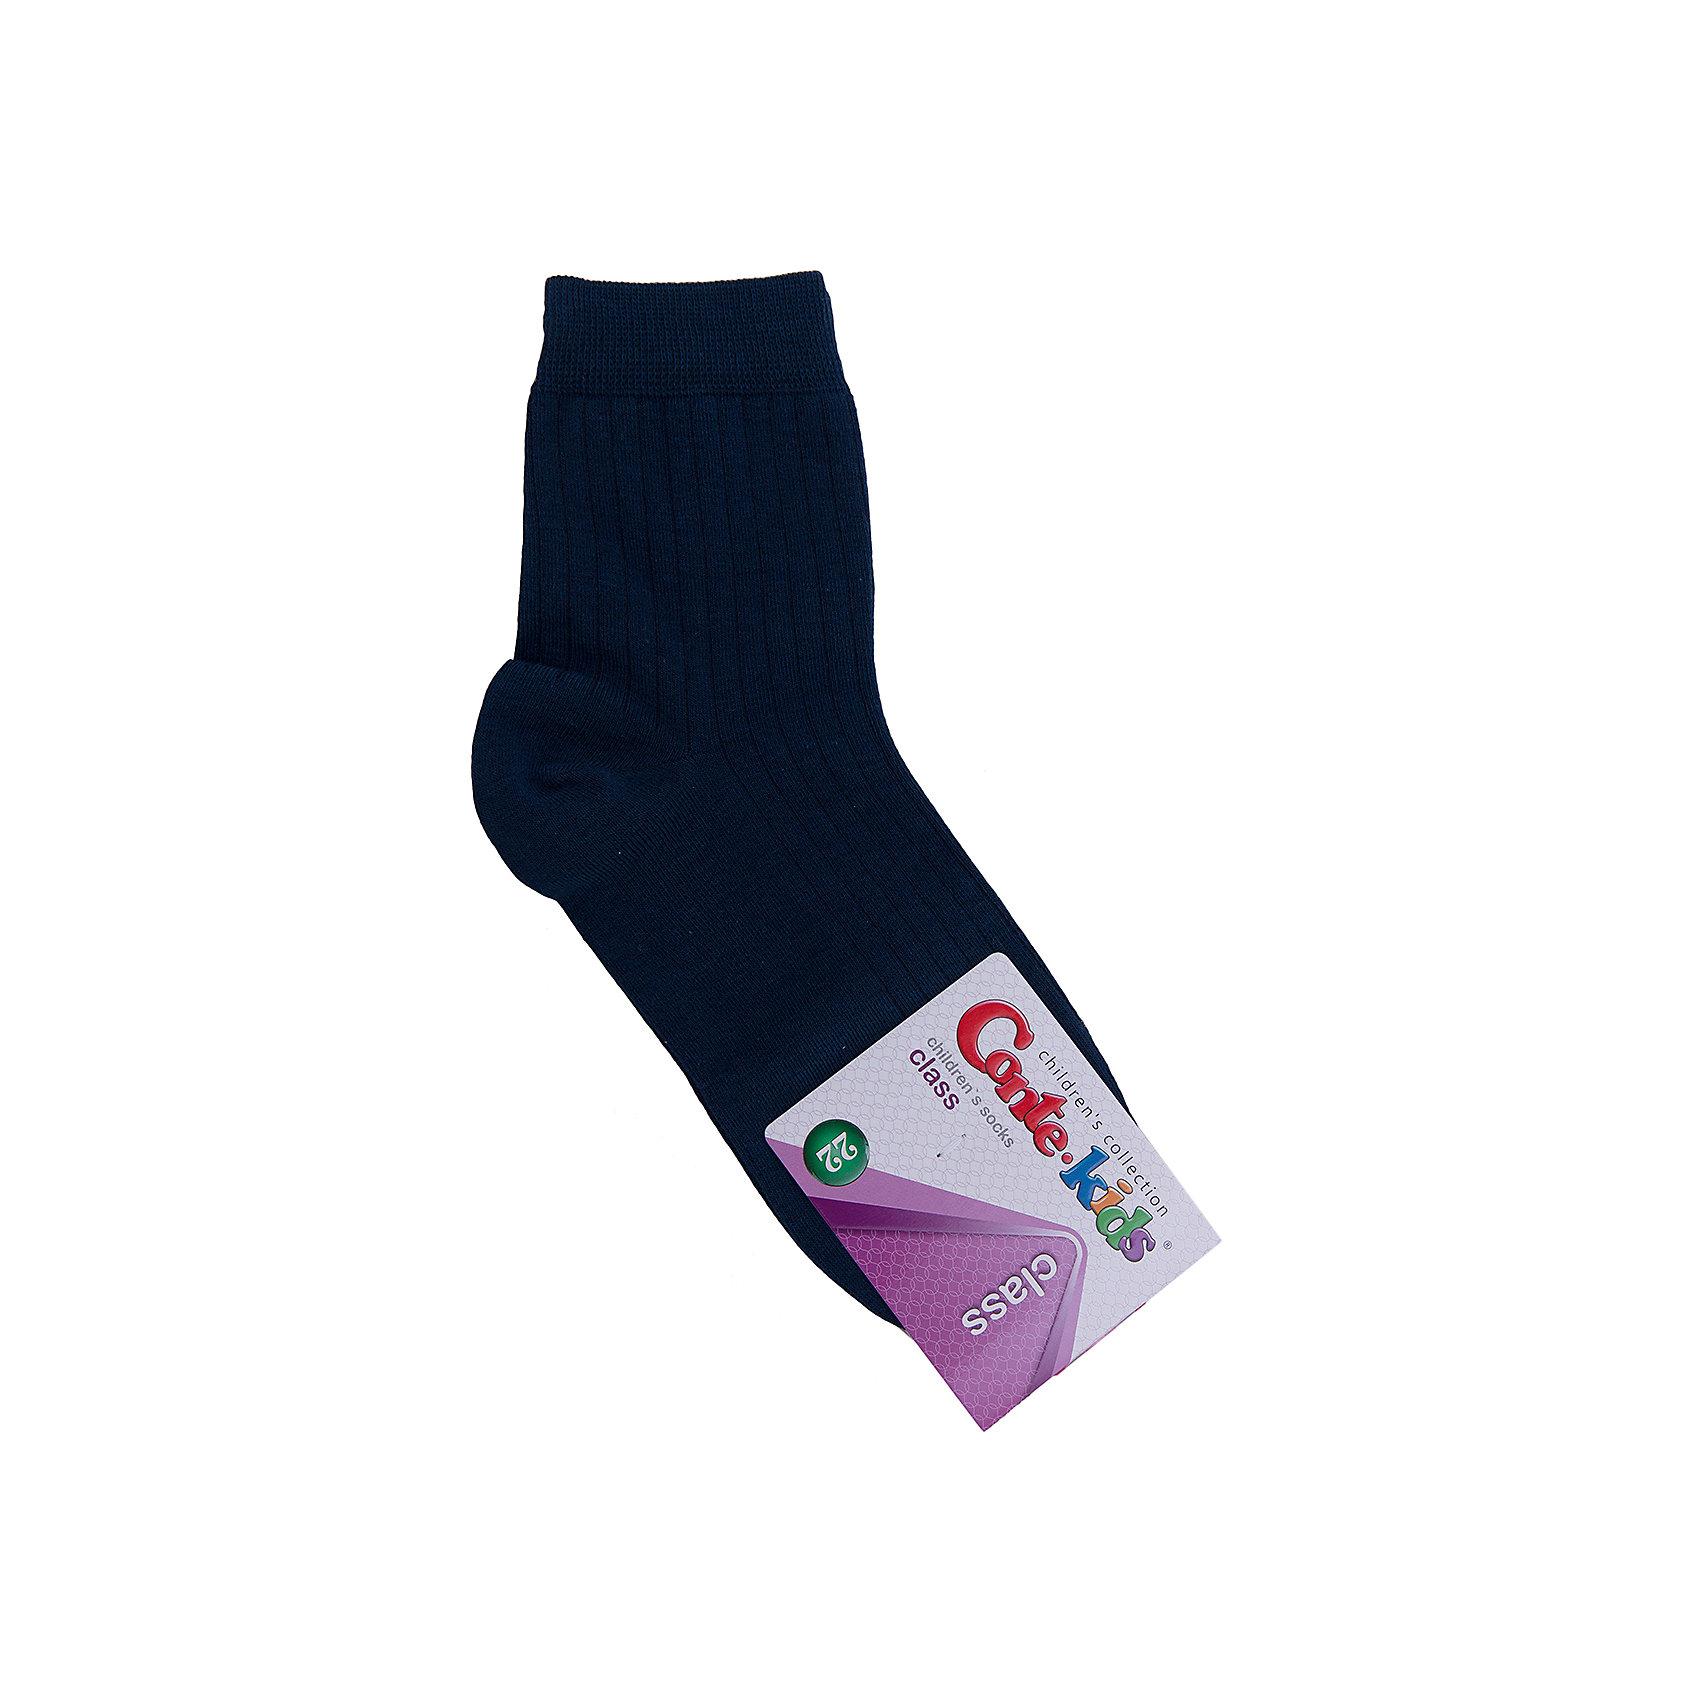 Носки  Conte-kidsДетские носки известной марки Conte-kids.<br>- Мягкие,  эластичные,  удобные и практичные.<br>- От белорусского производителя. <br>- Для девочек и мальчиков. <br><br>Состав: 50% - хлопок, 47,2% - полиамид, 2,8% - эластан.<br><br>Ширина мм: 87<br>Глубина мм: 10<br>Высота мм: 105<br>Вес г: 115<br>Цвет: синий<br>Возраст от месяцев: 96<br>Возраст до месяцев: 108<br>Пол: Унисекс<br>Возраст: Детский<br>Размер: 22<br>SKU: 4830297